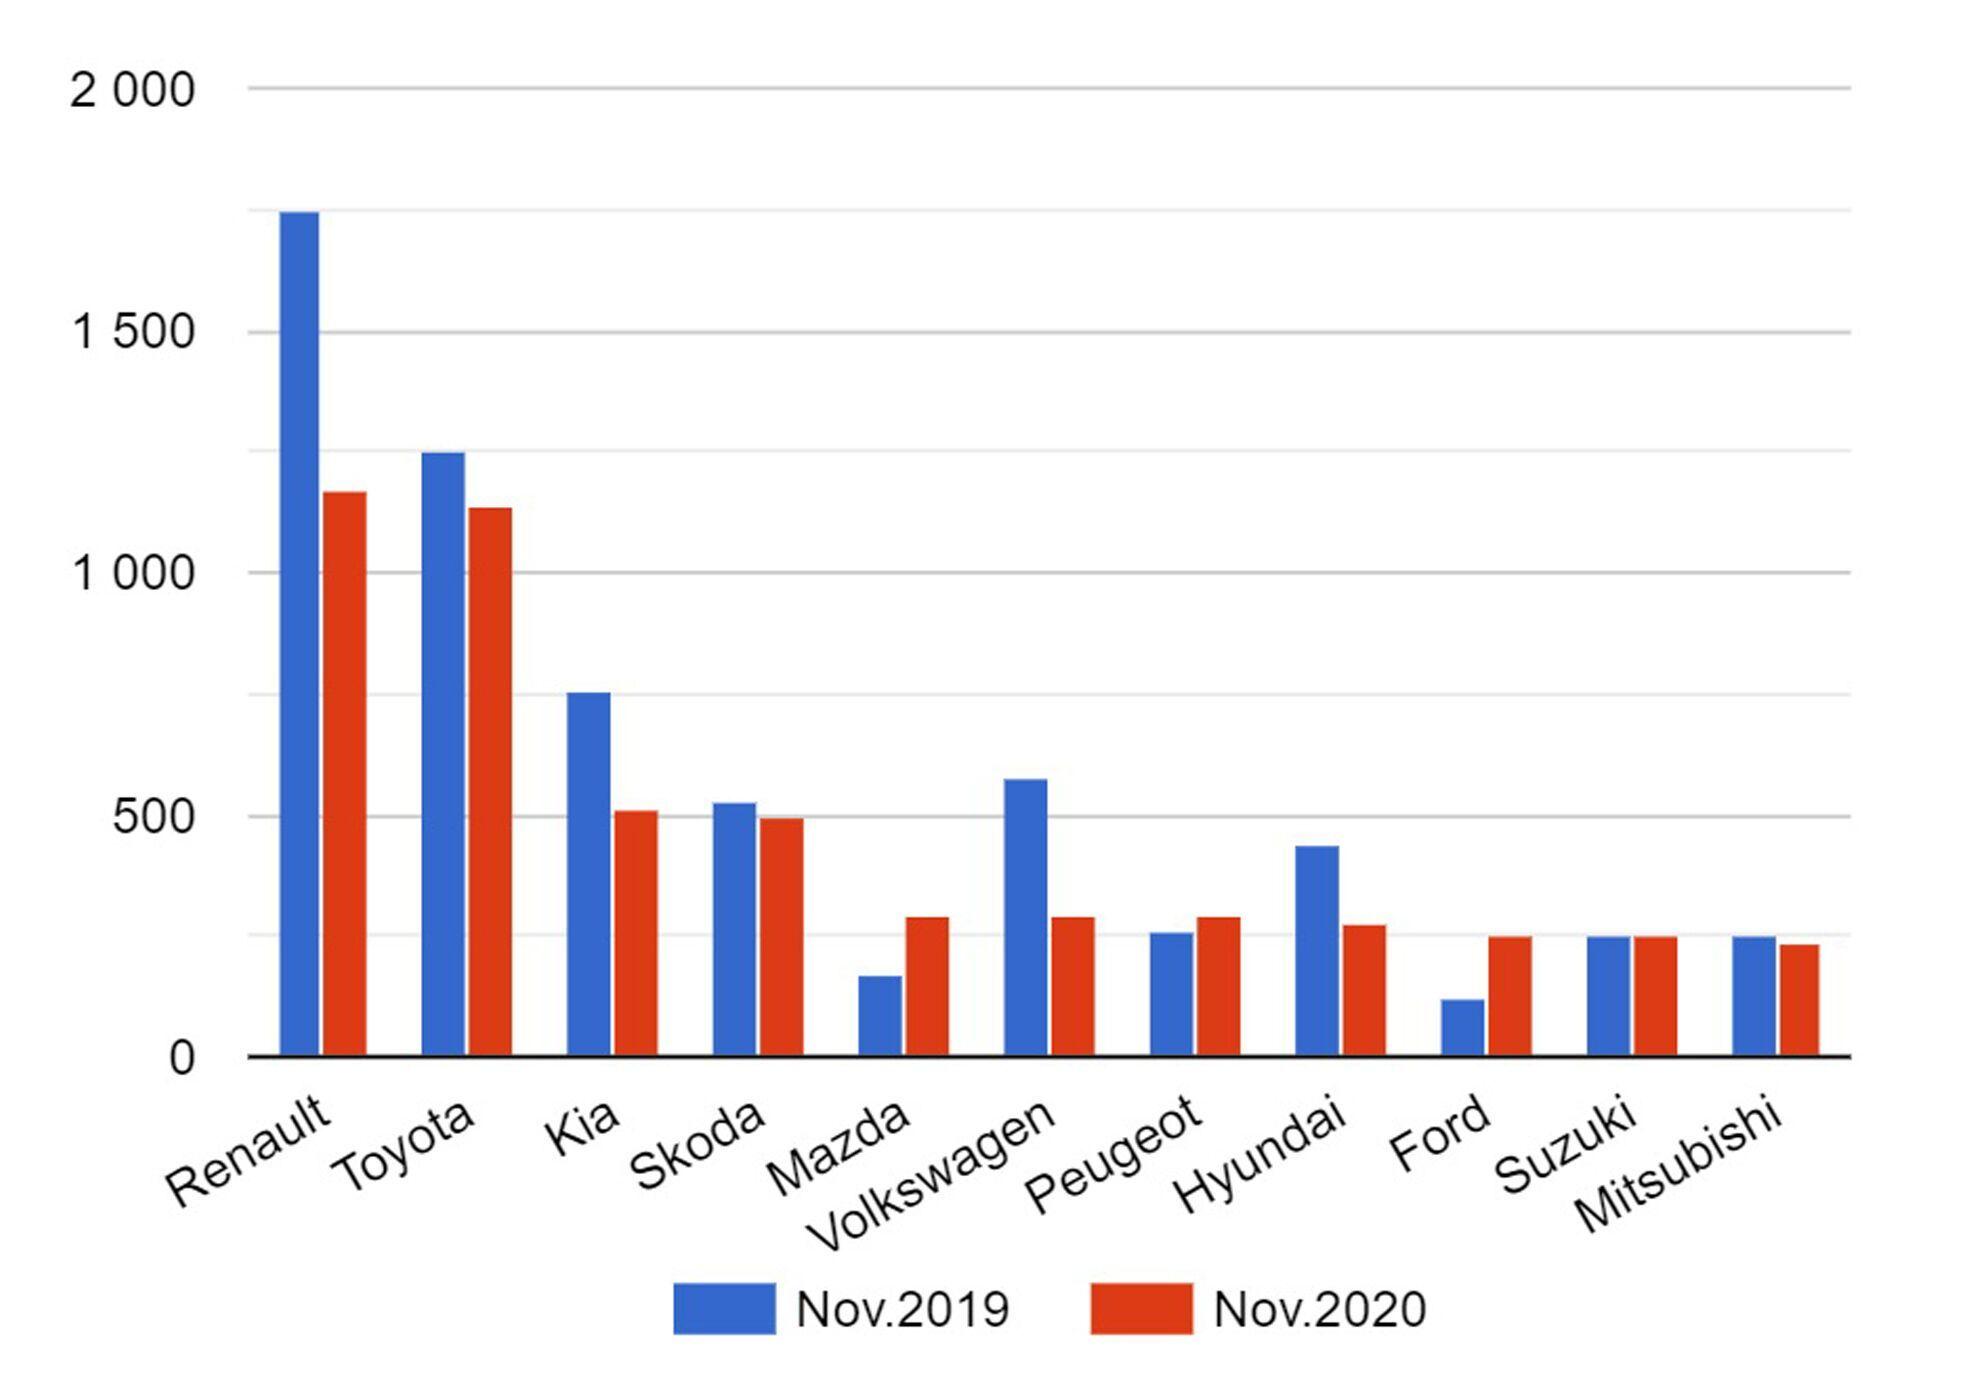 Итоги продаж ТОП10 брендов на украинском рынке в ноябре 2019/2020.